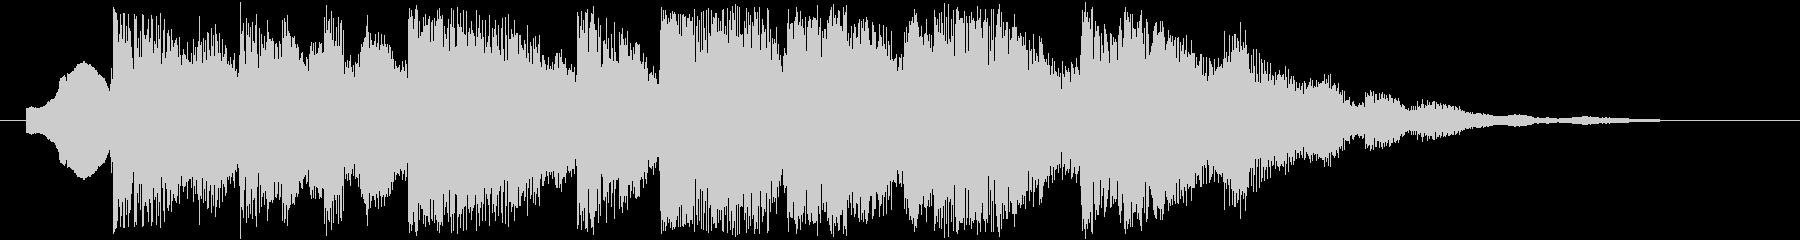 夜空のイメージ(ジングル、着信音などに)の未再生の波形